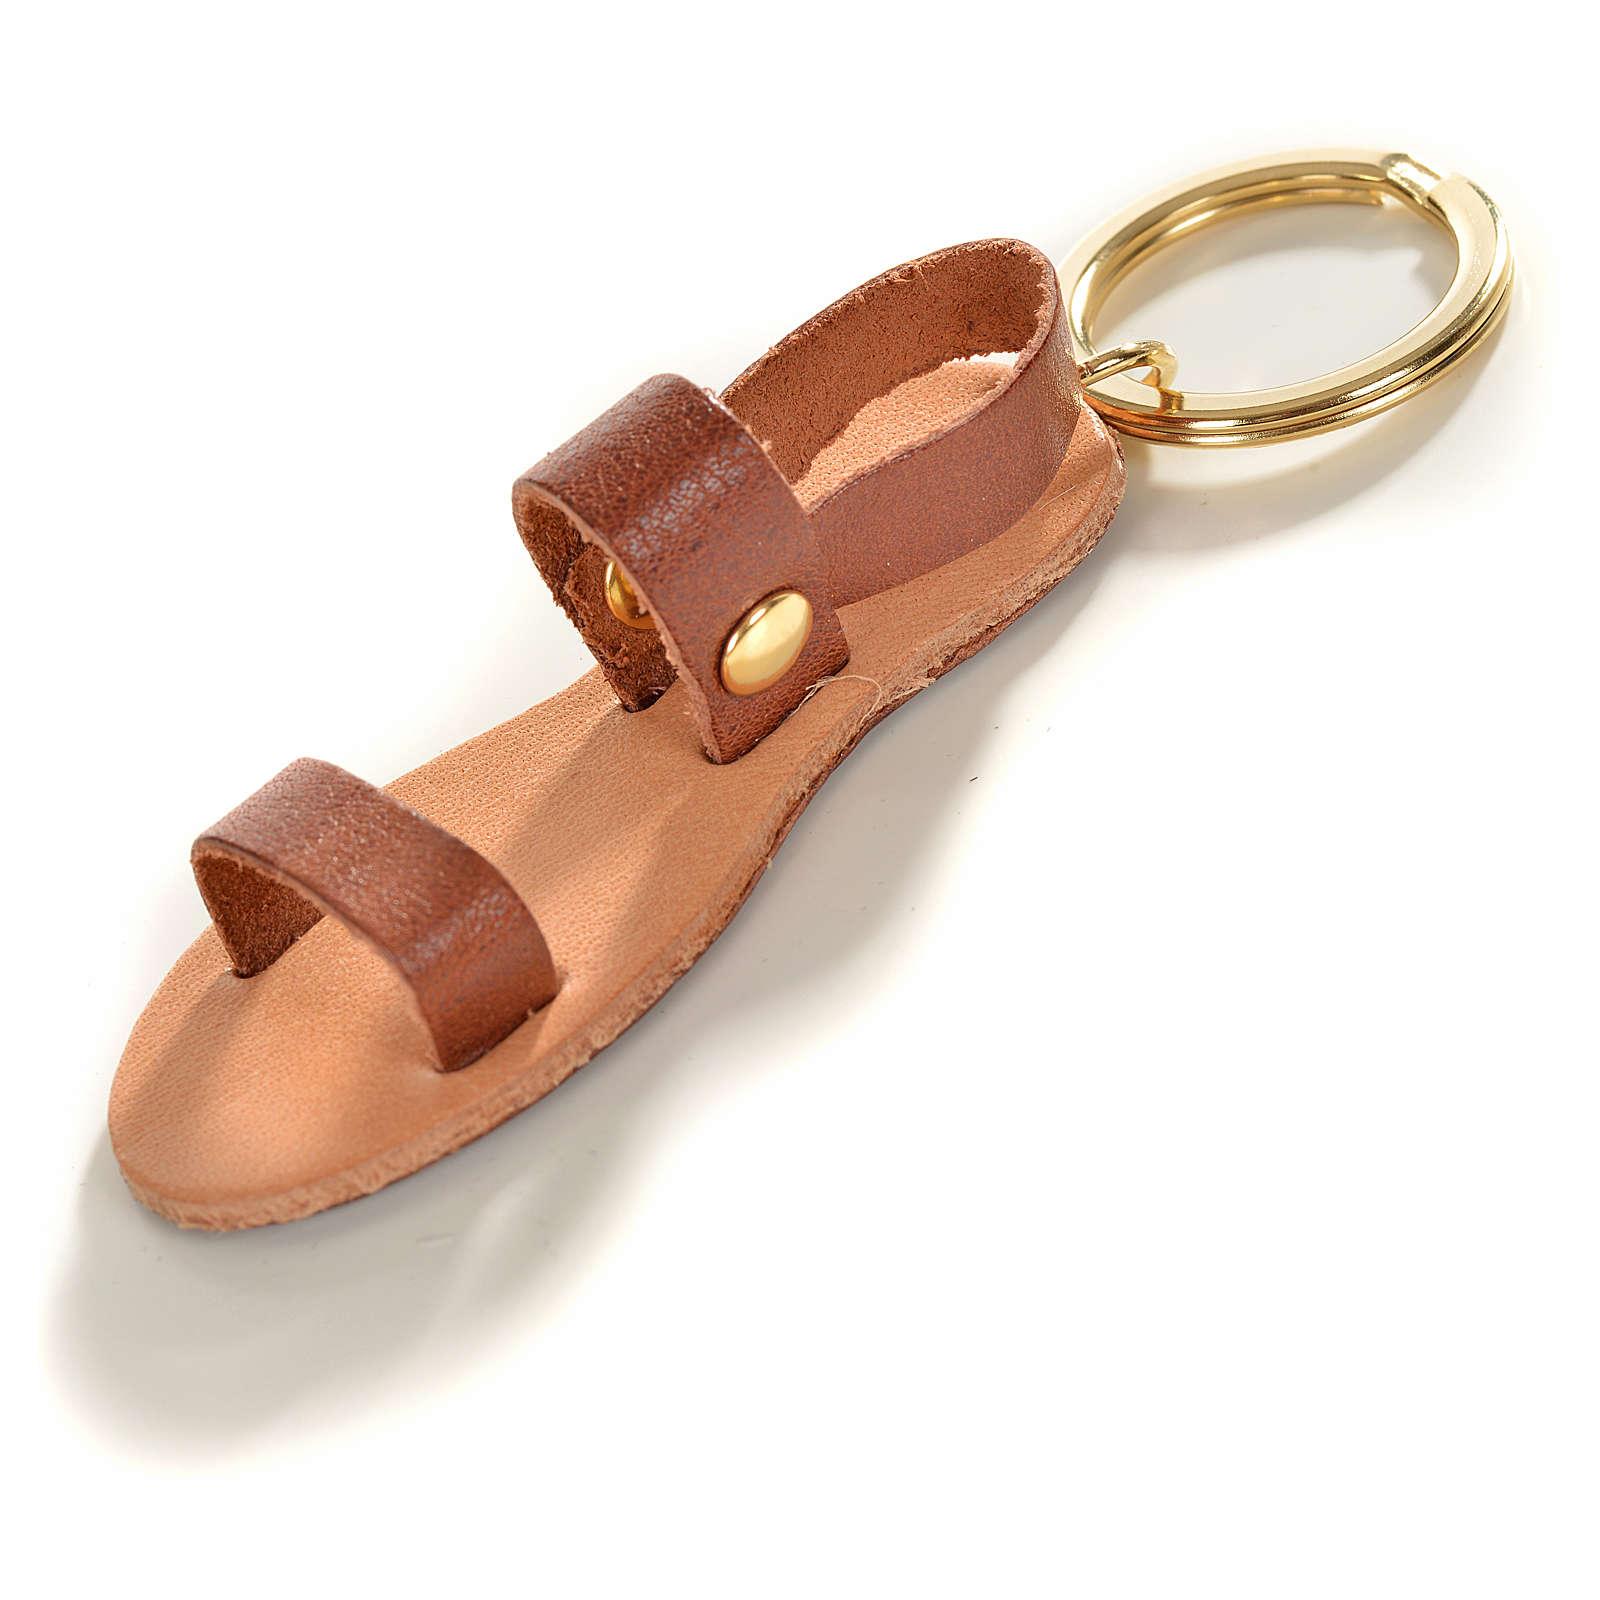 Schlüßelanhänger Franziskaner Sandale aus Leder 3